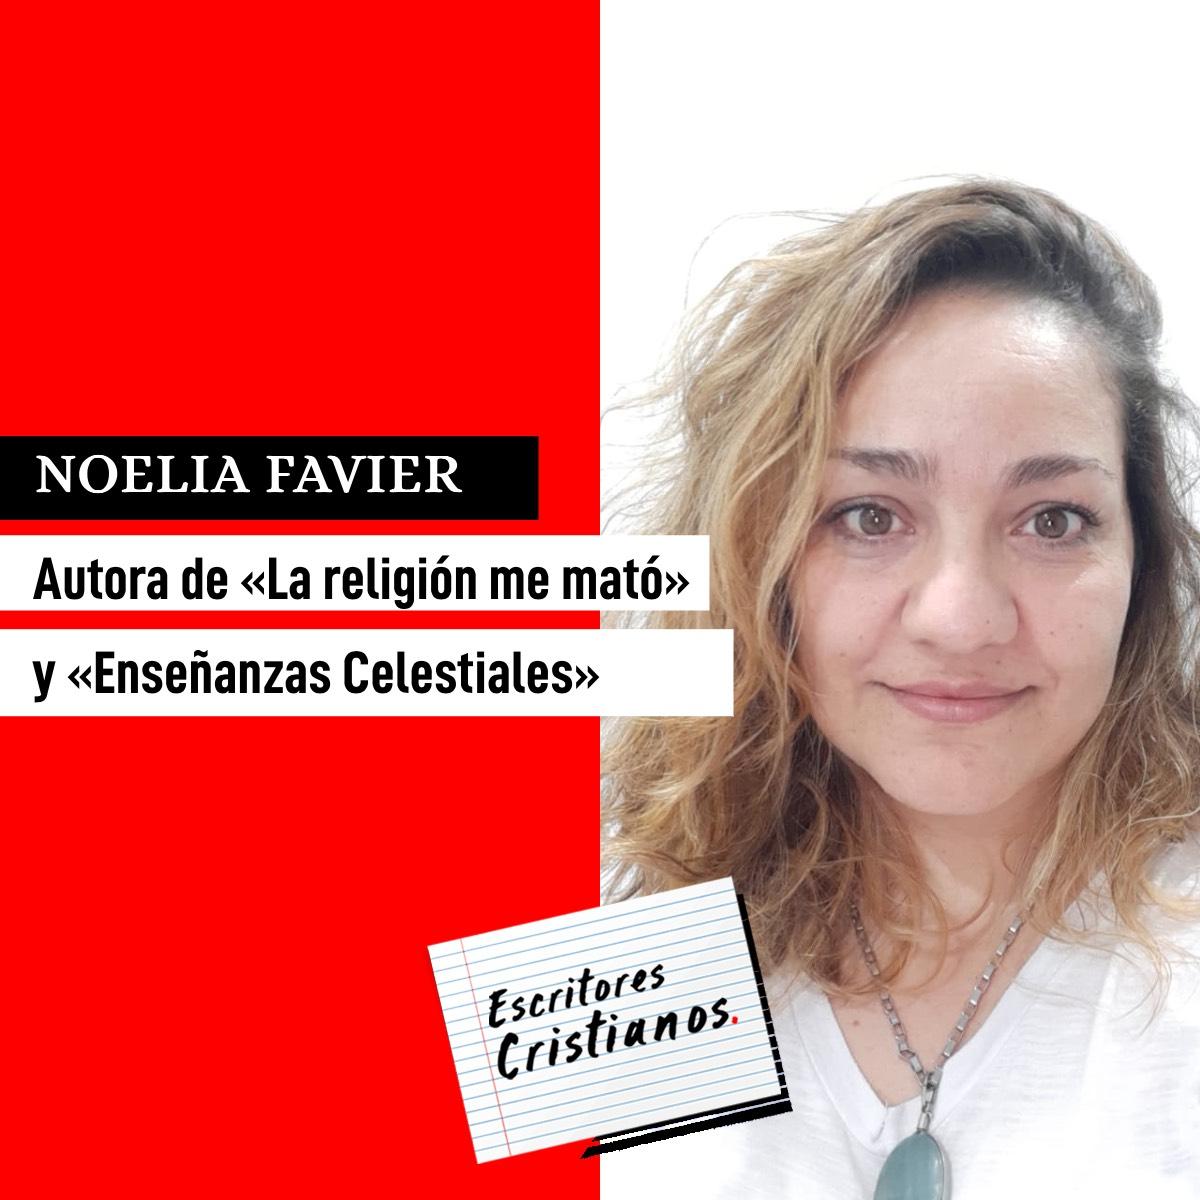 Noelia Favier habla sobre EnseñanzasCelestiales